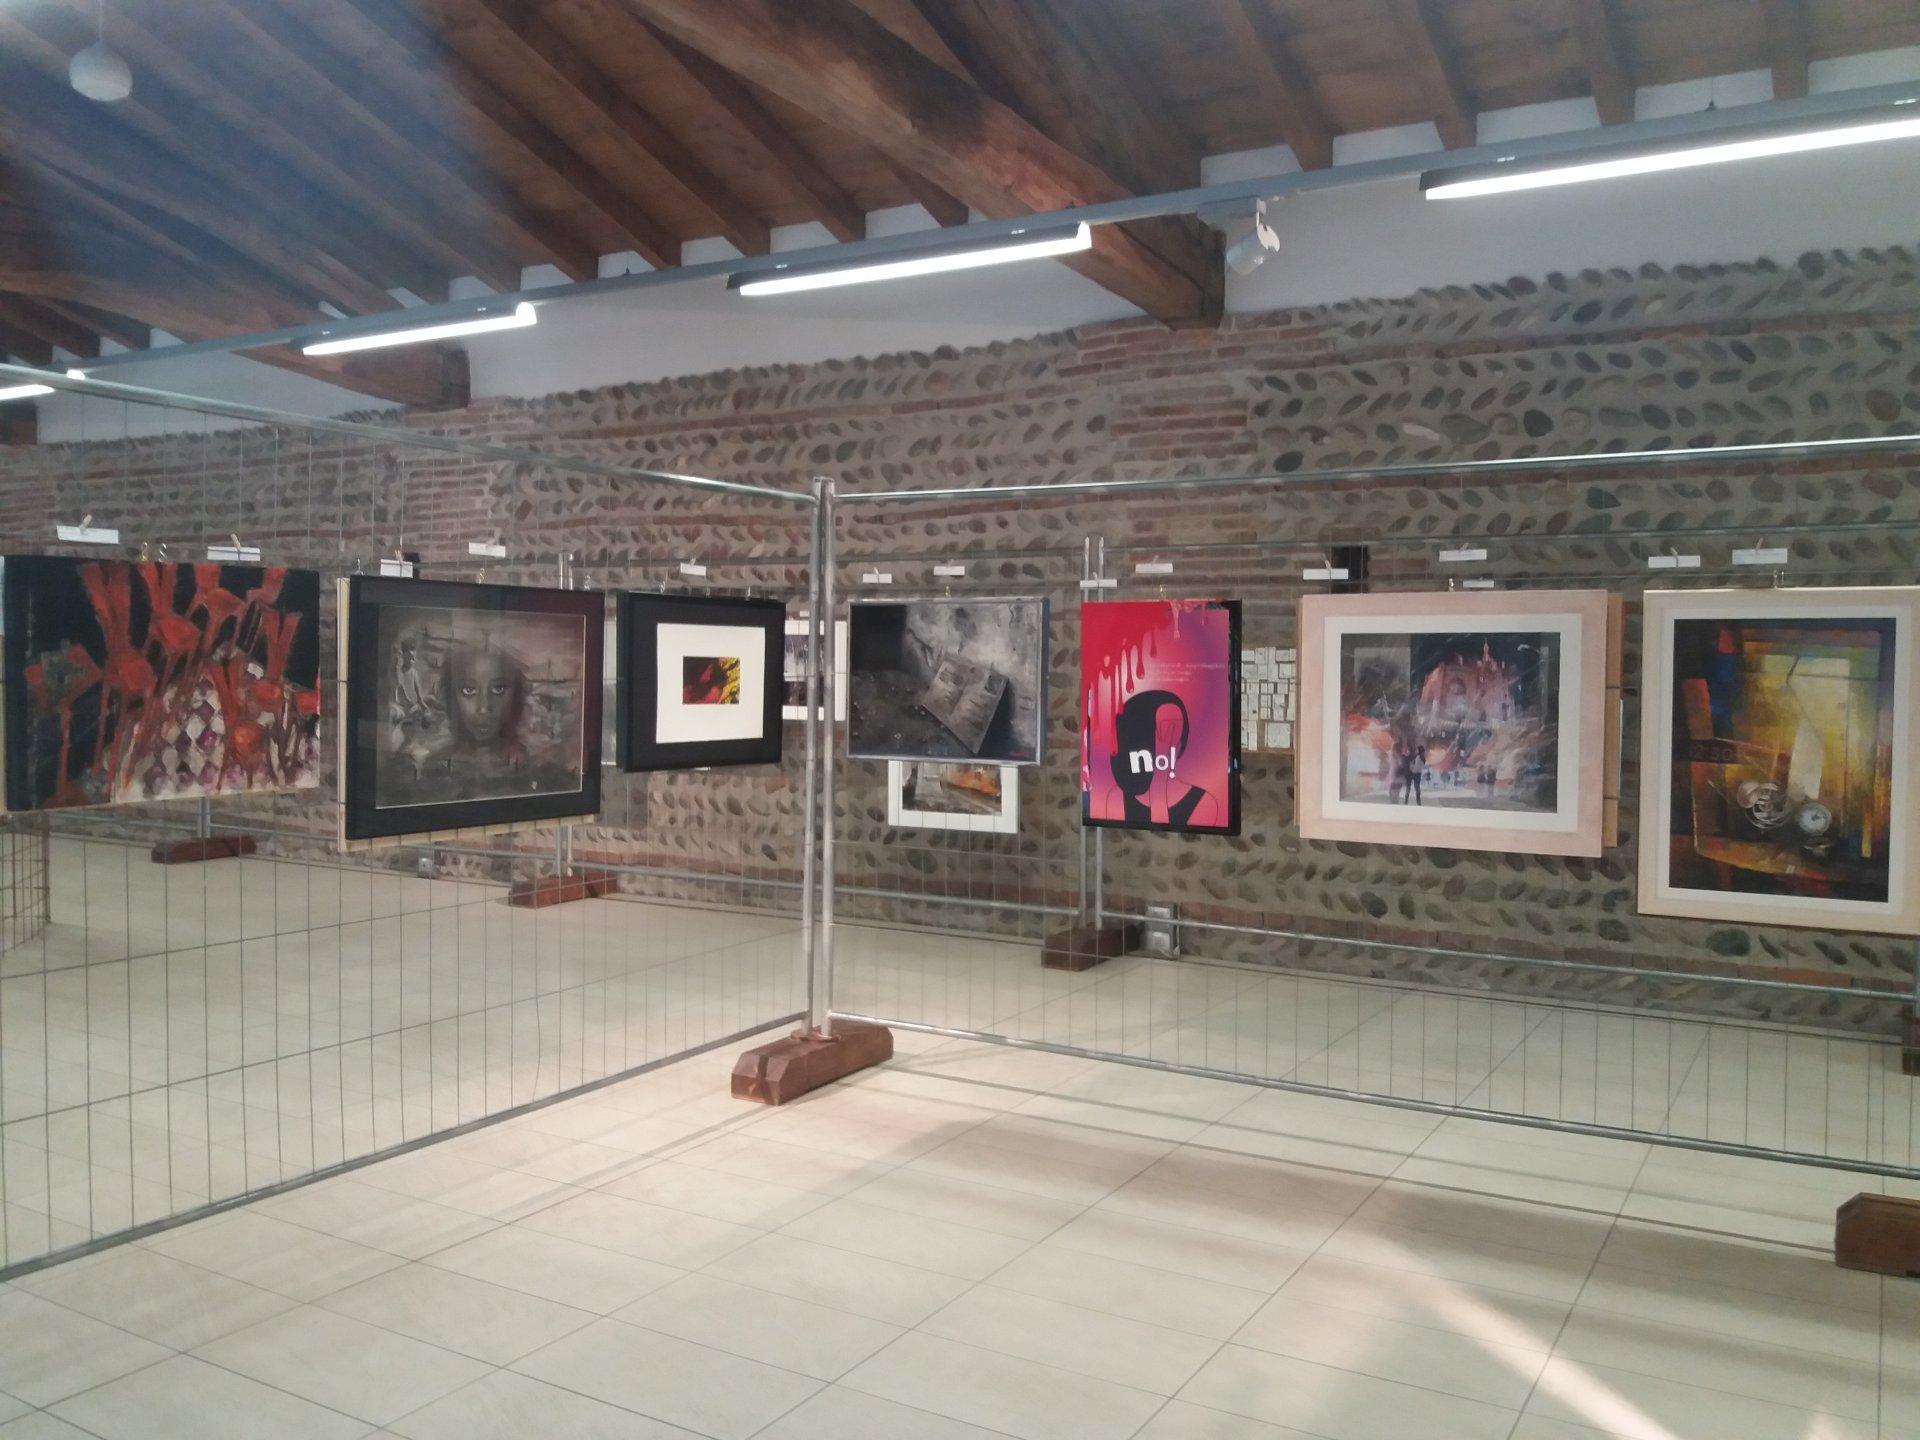 """Concorso di pittura """"3Art"""", l'estemporanea cattura Spirano - Giornale di Treviglio - Giornale di Treviglio"""